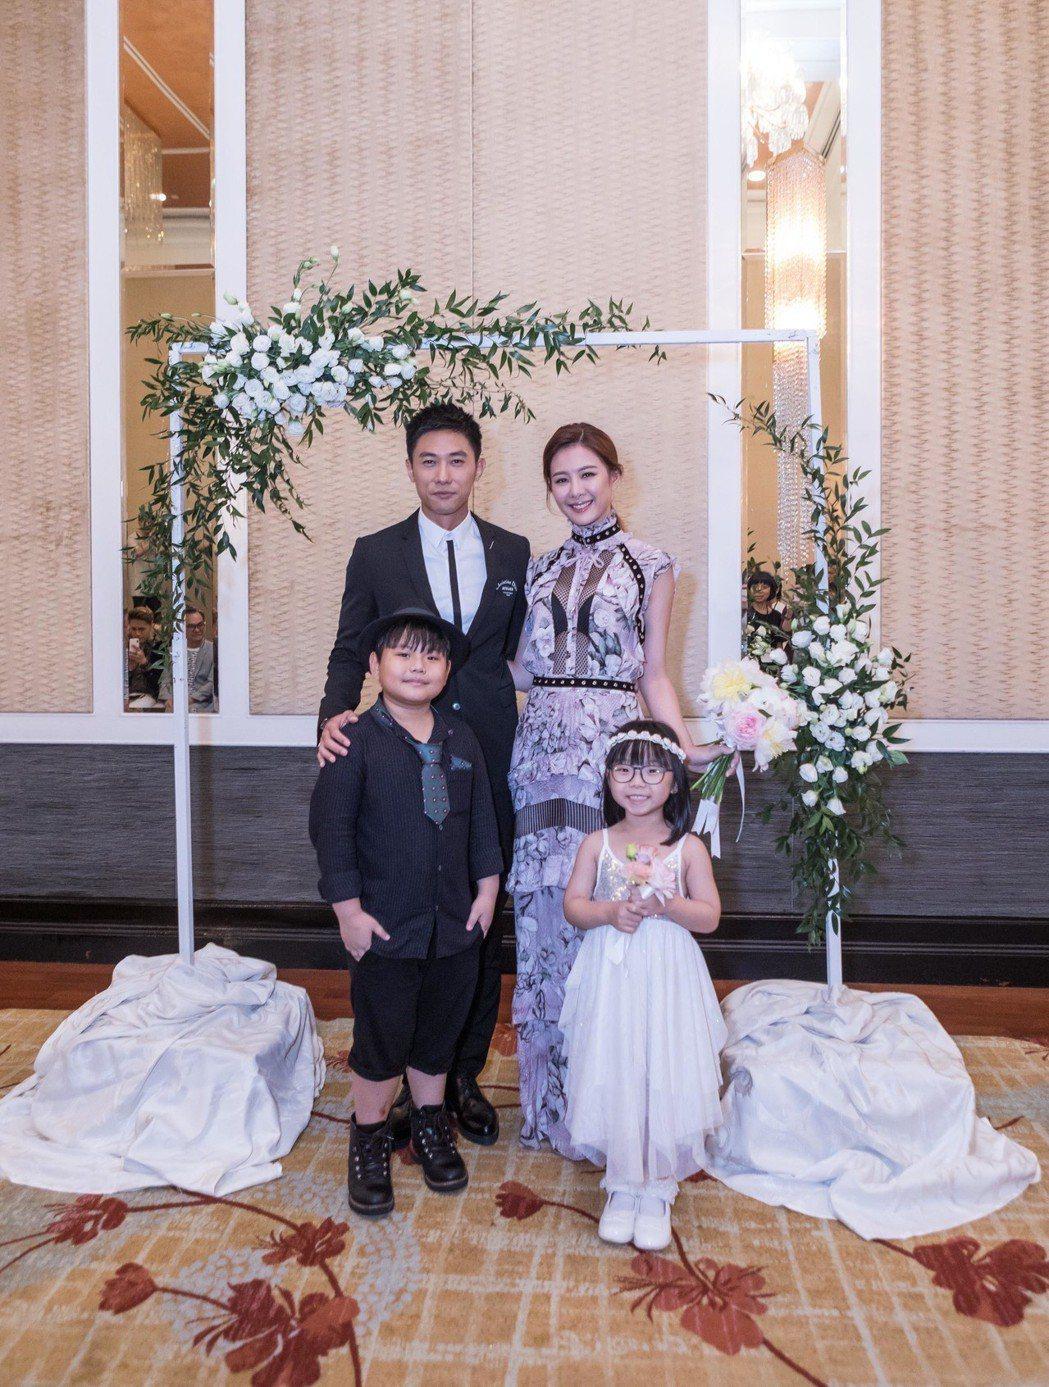 安心亞和陳泂江由花童陪伴步上婚禮會場。圖/華映提供